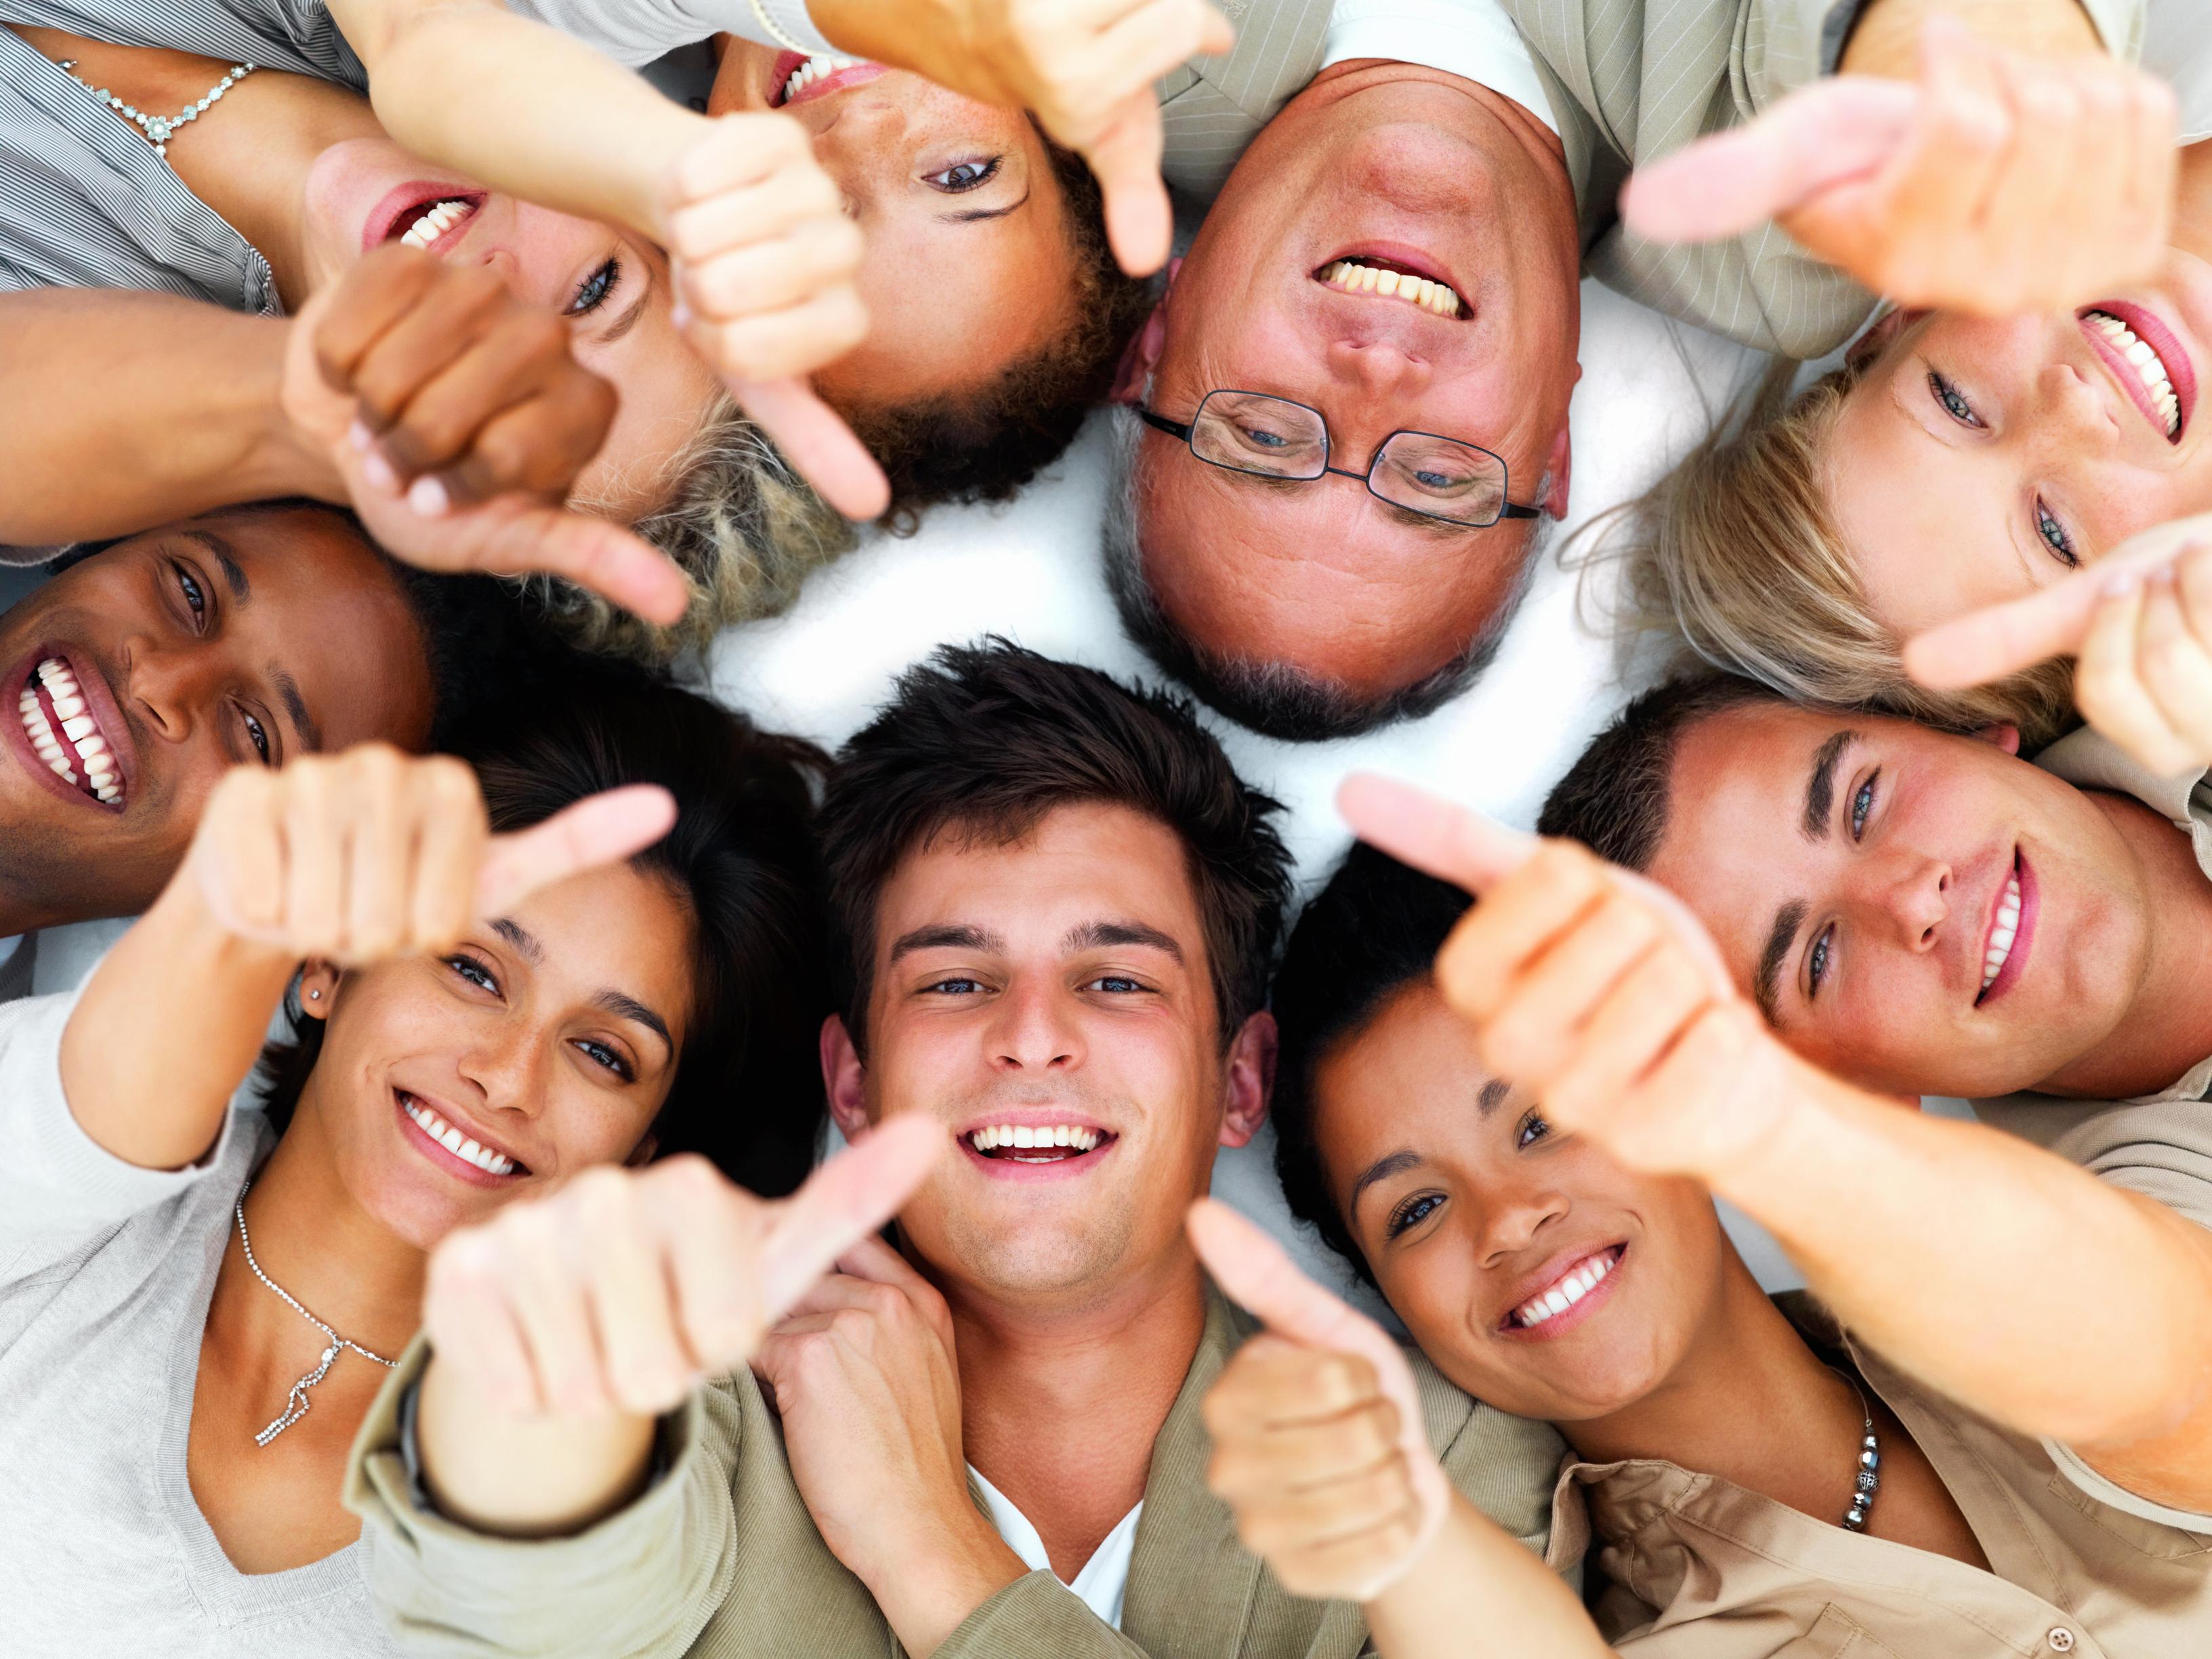 врачу телефону фото в группу для смеха и обсуждения развиваться взрослых